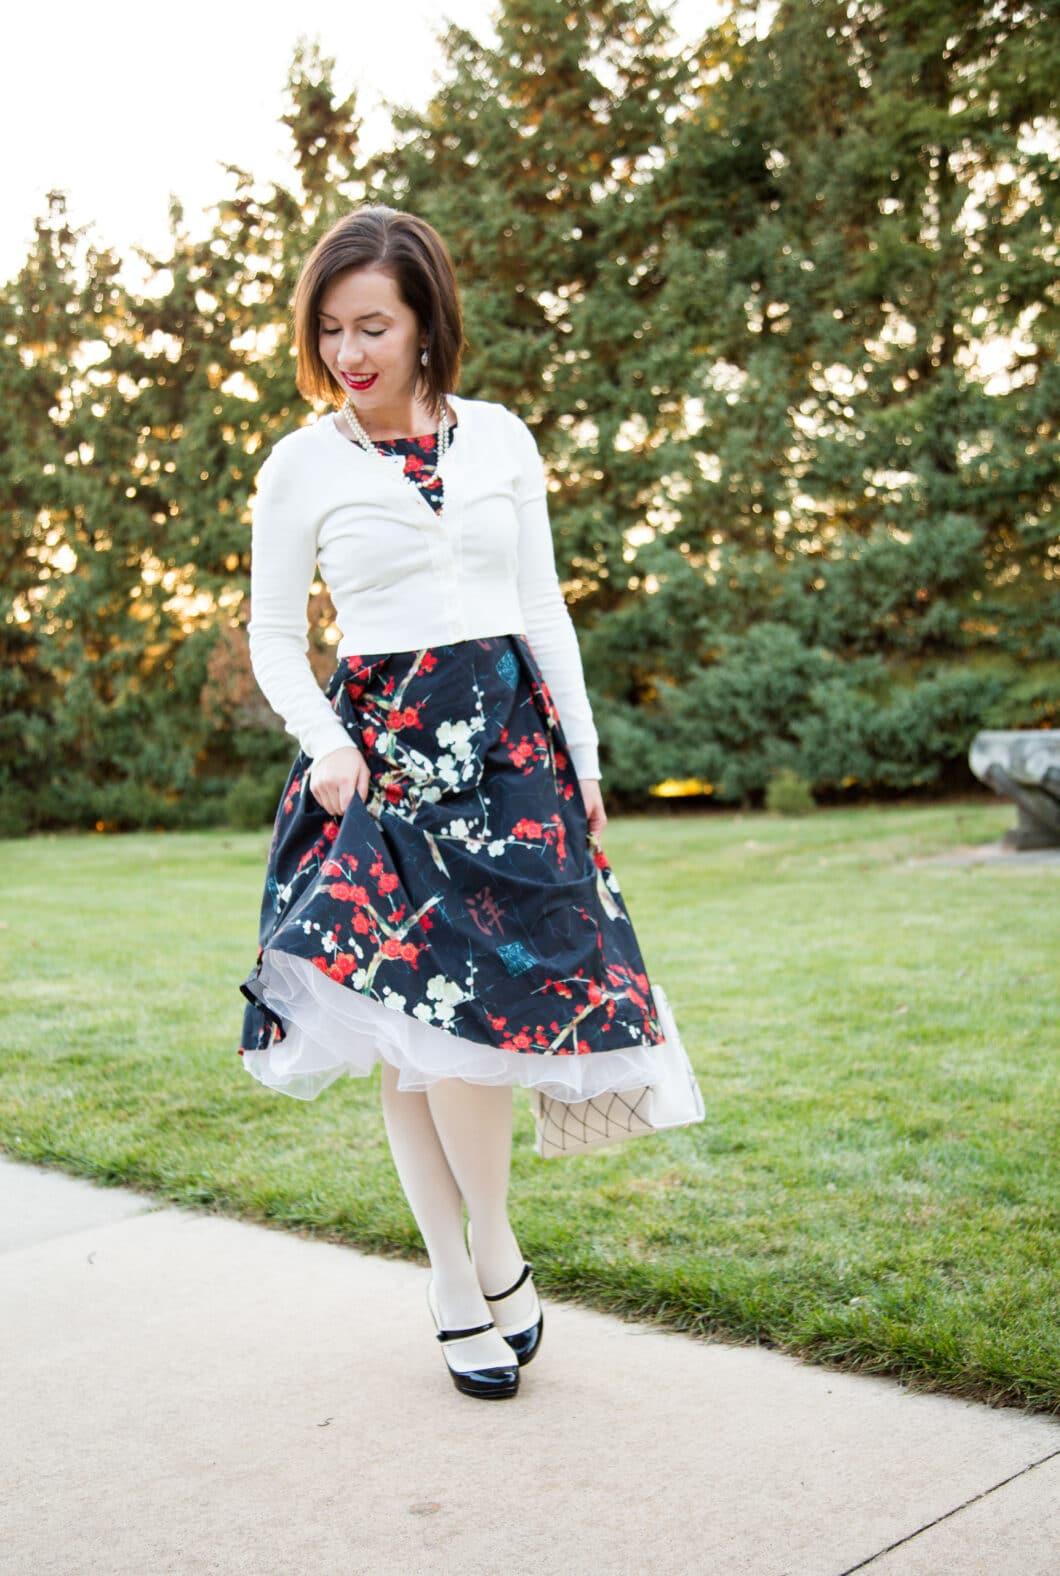 floral fashionmia dress